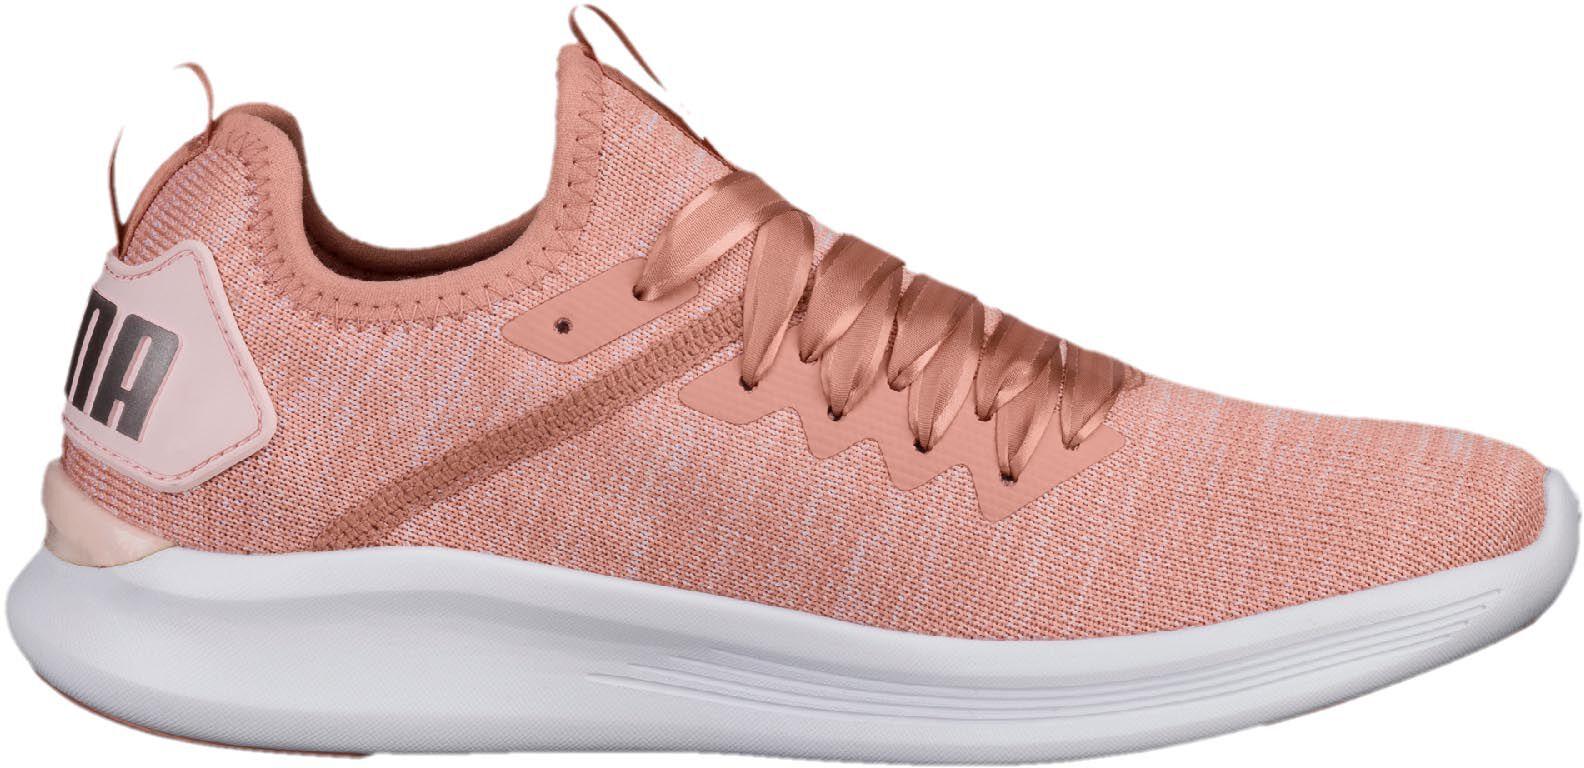 Voor Schoenen Voor Schoenen DamesIntersport Voor Schoenen Schoenen Schoenen DamesIntersport DamesIntersport DamesIntersport Voor lFJcTK1